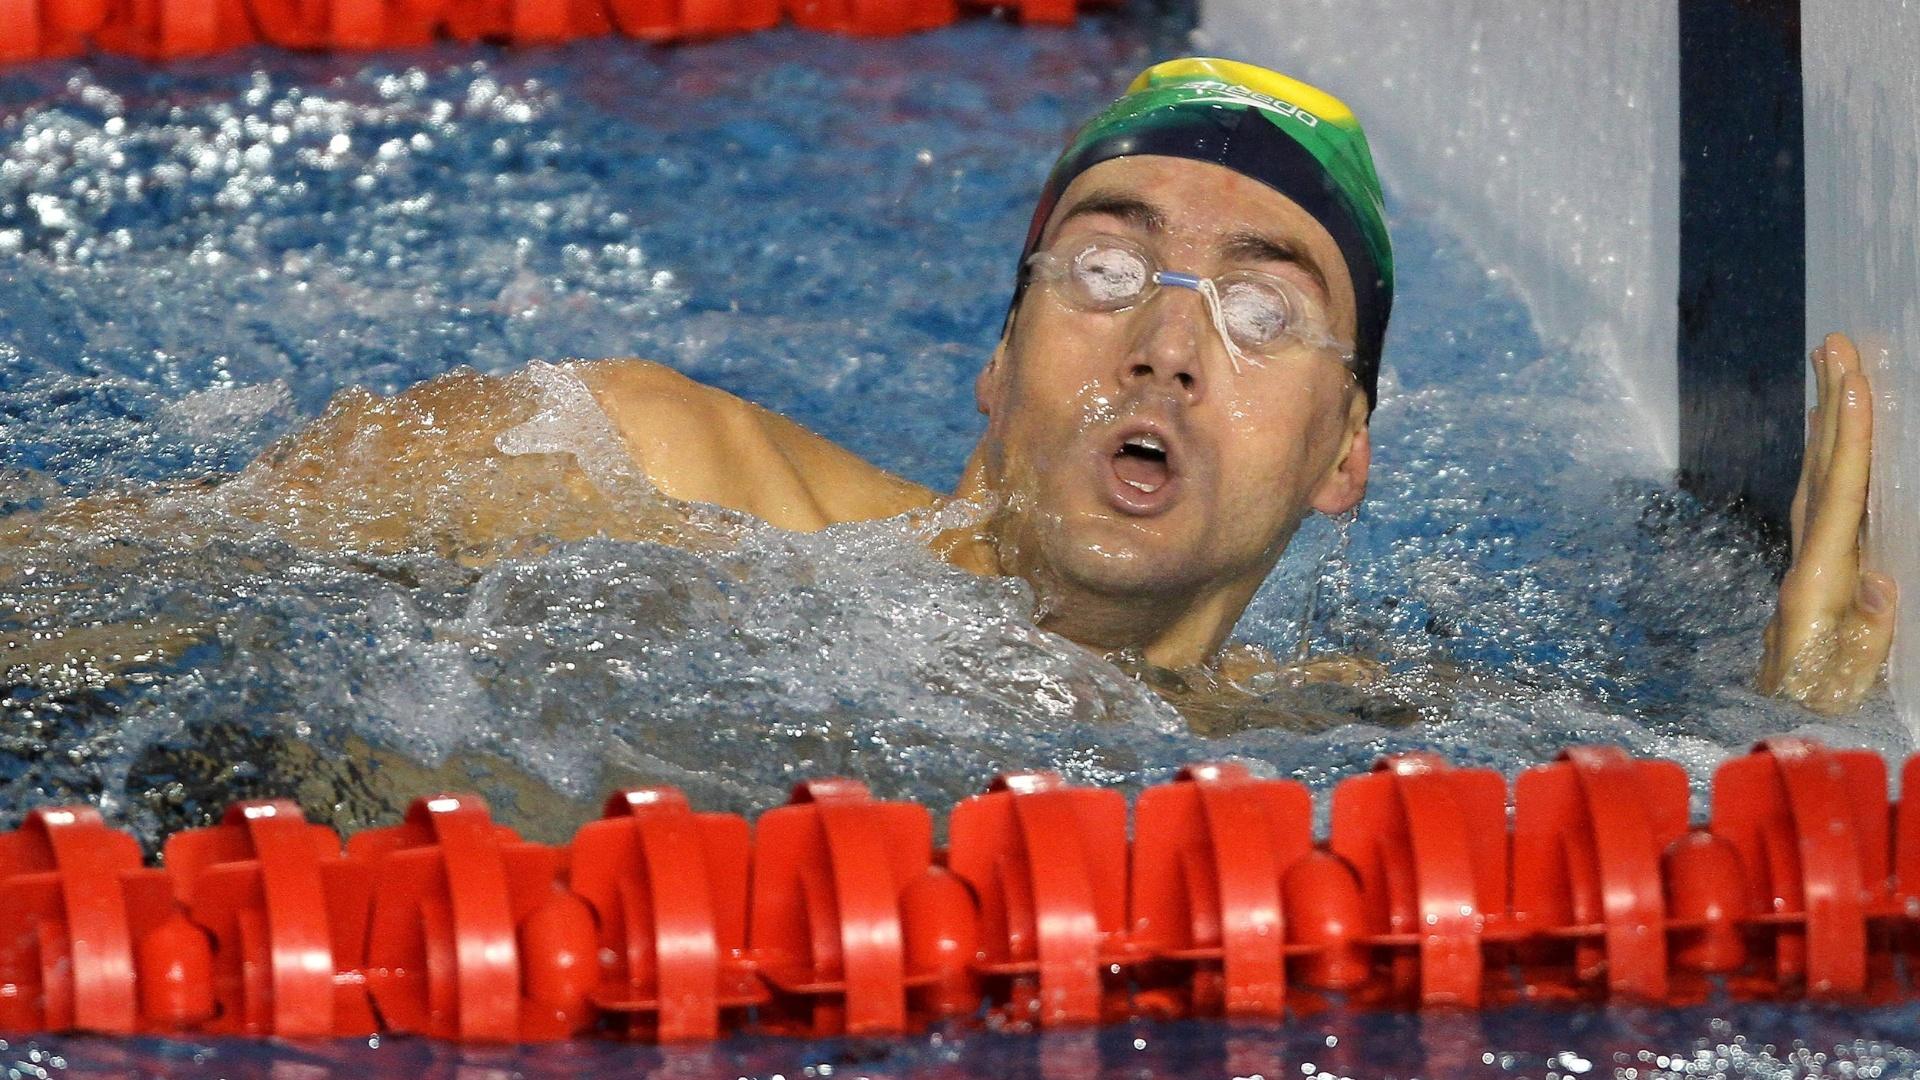 Com 1min50s96, André Schultz ficou em segundo lugar na sua bateria dos 200 m livre (18/10/2011)